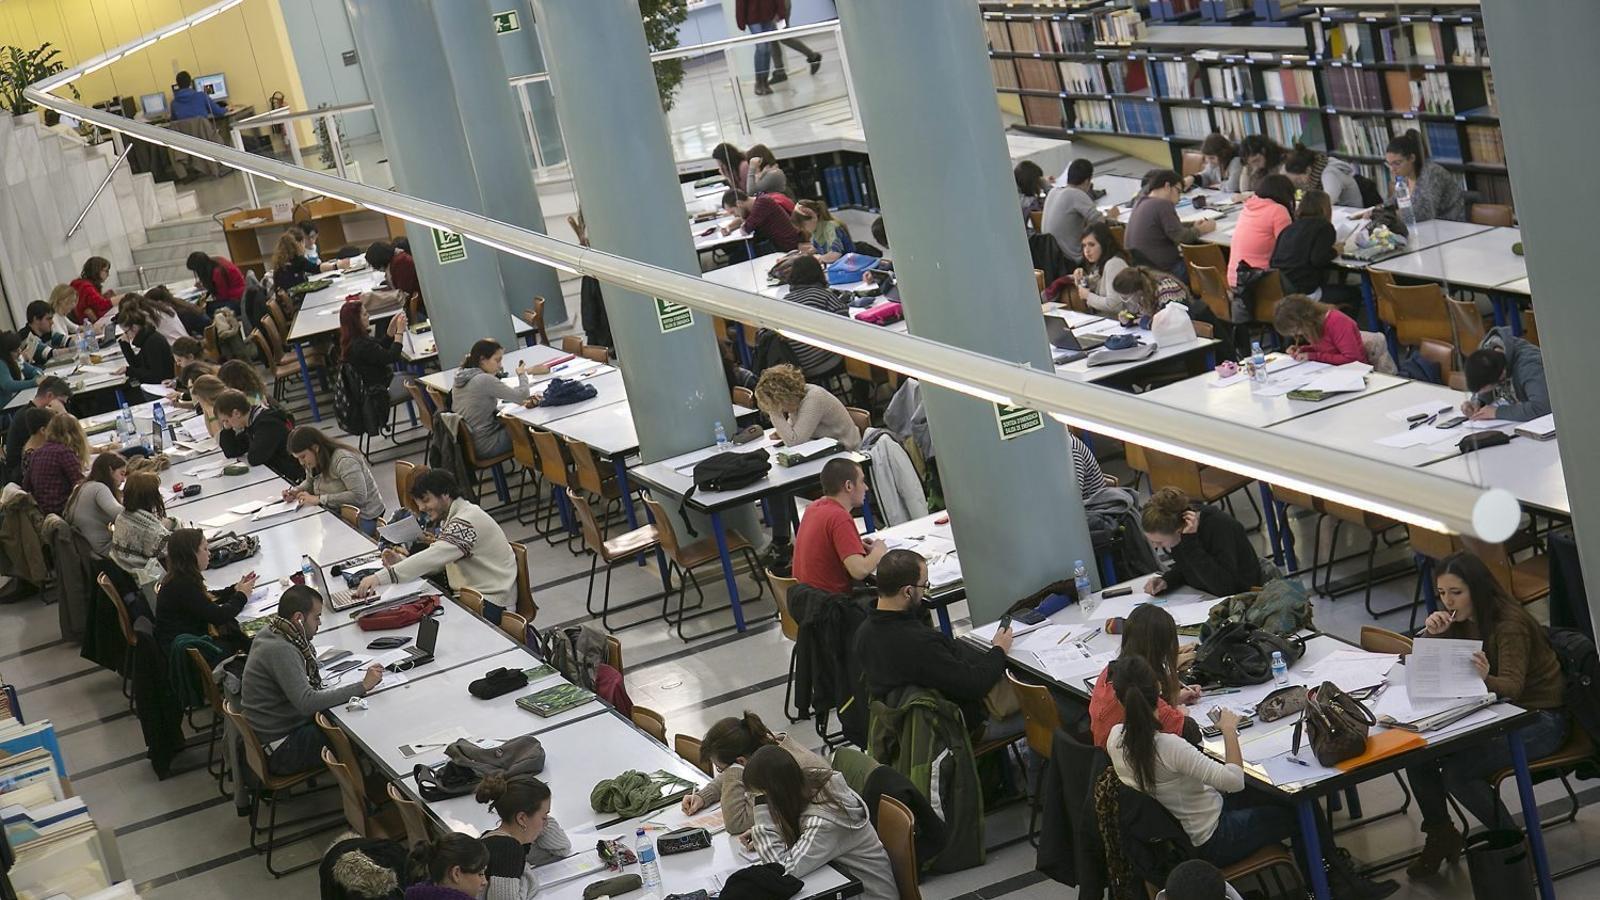 01. Imatge d'una aula de primària de l'Escola dels Encants de Barcelona.   02. Alumnes estudiant a les instal·lacions de la Universitat Autònoma de Barcelona (UAB).